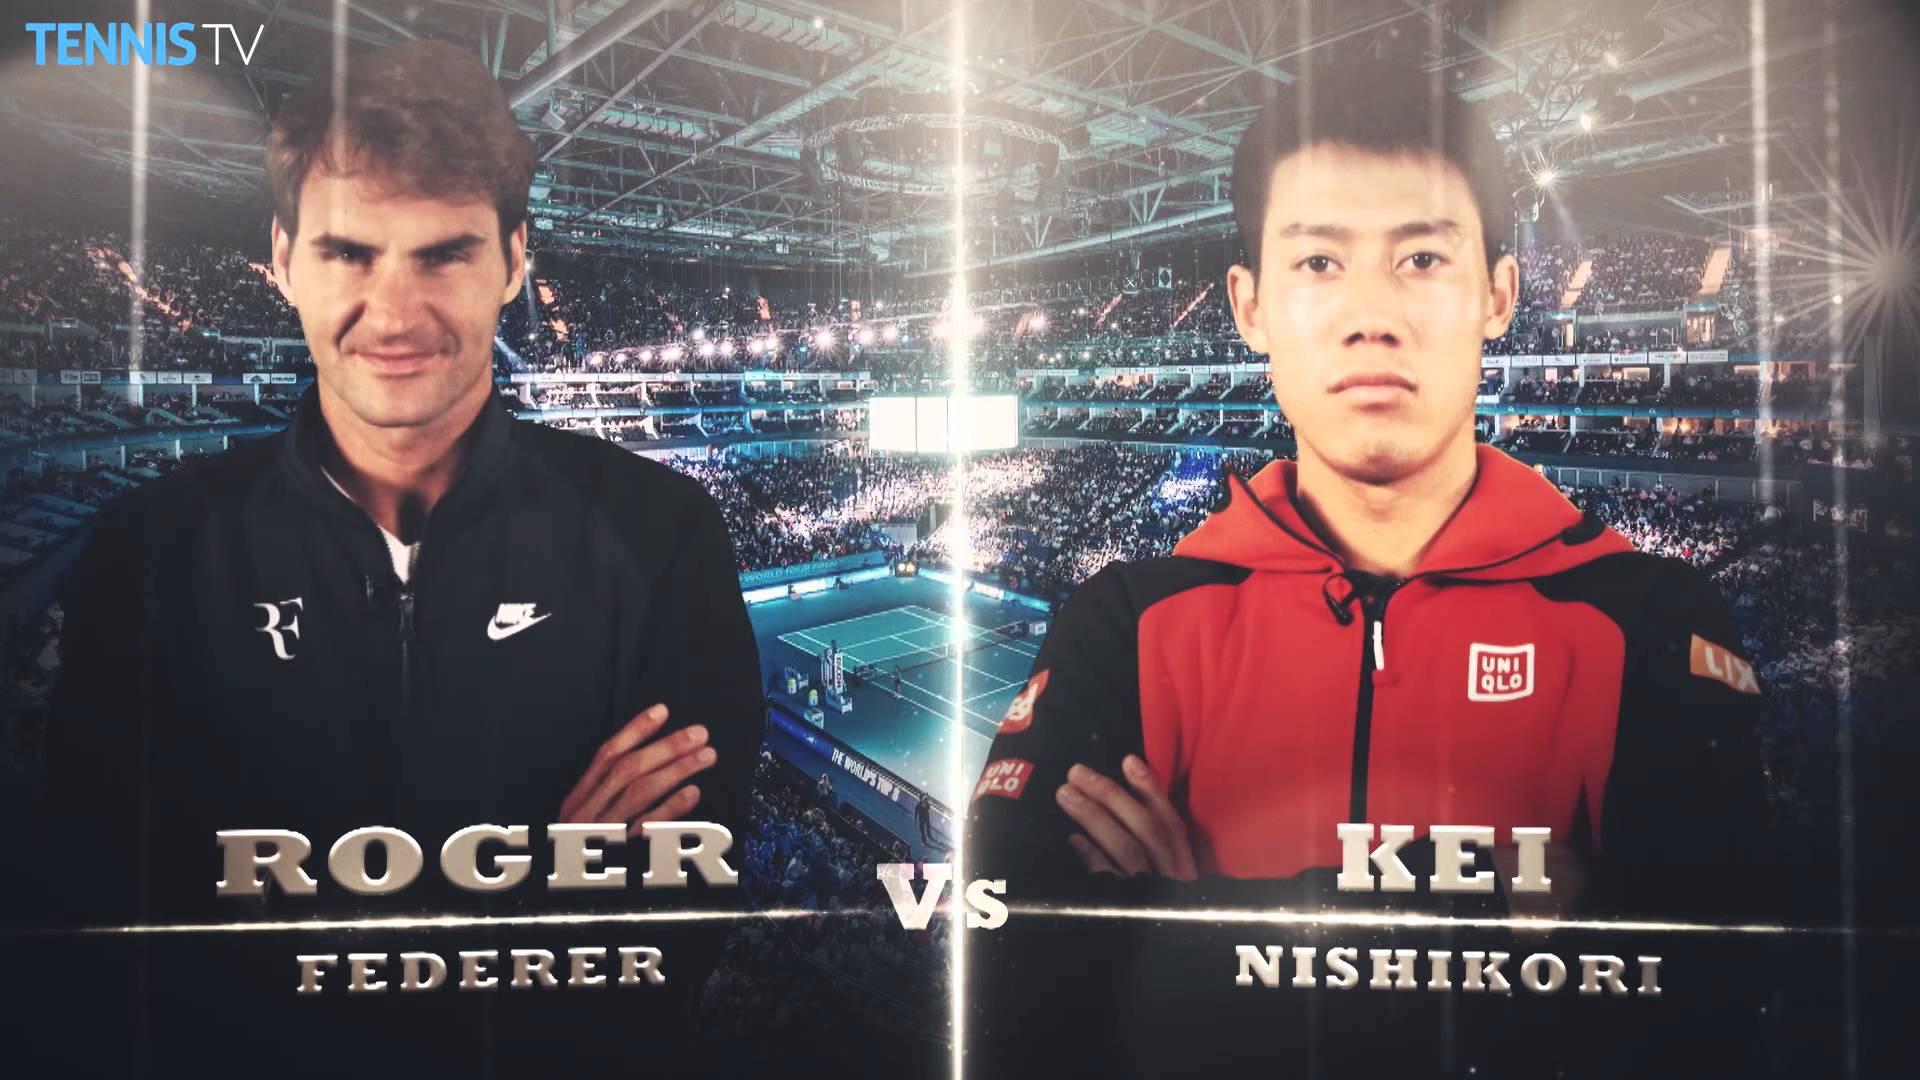 勝つことが最低条件 フェデラーvs錦織圭のプロモーション動画 Atpワールド ツアー ファイナル15 テニス動画 Jp